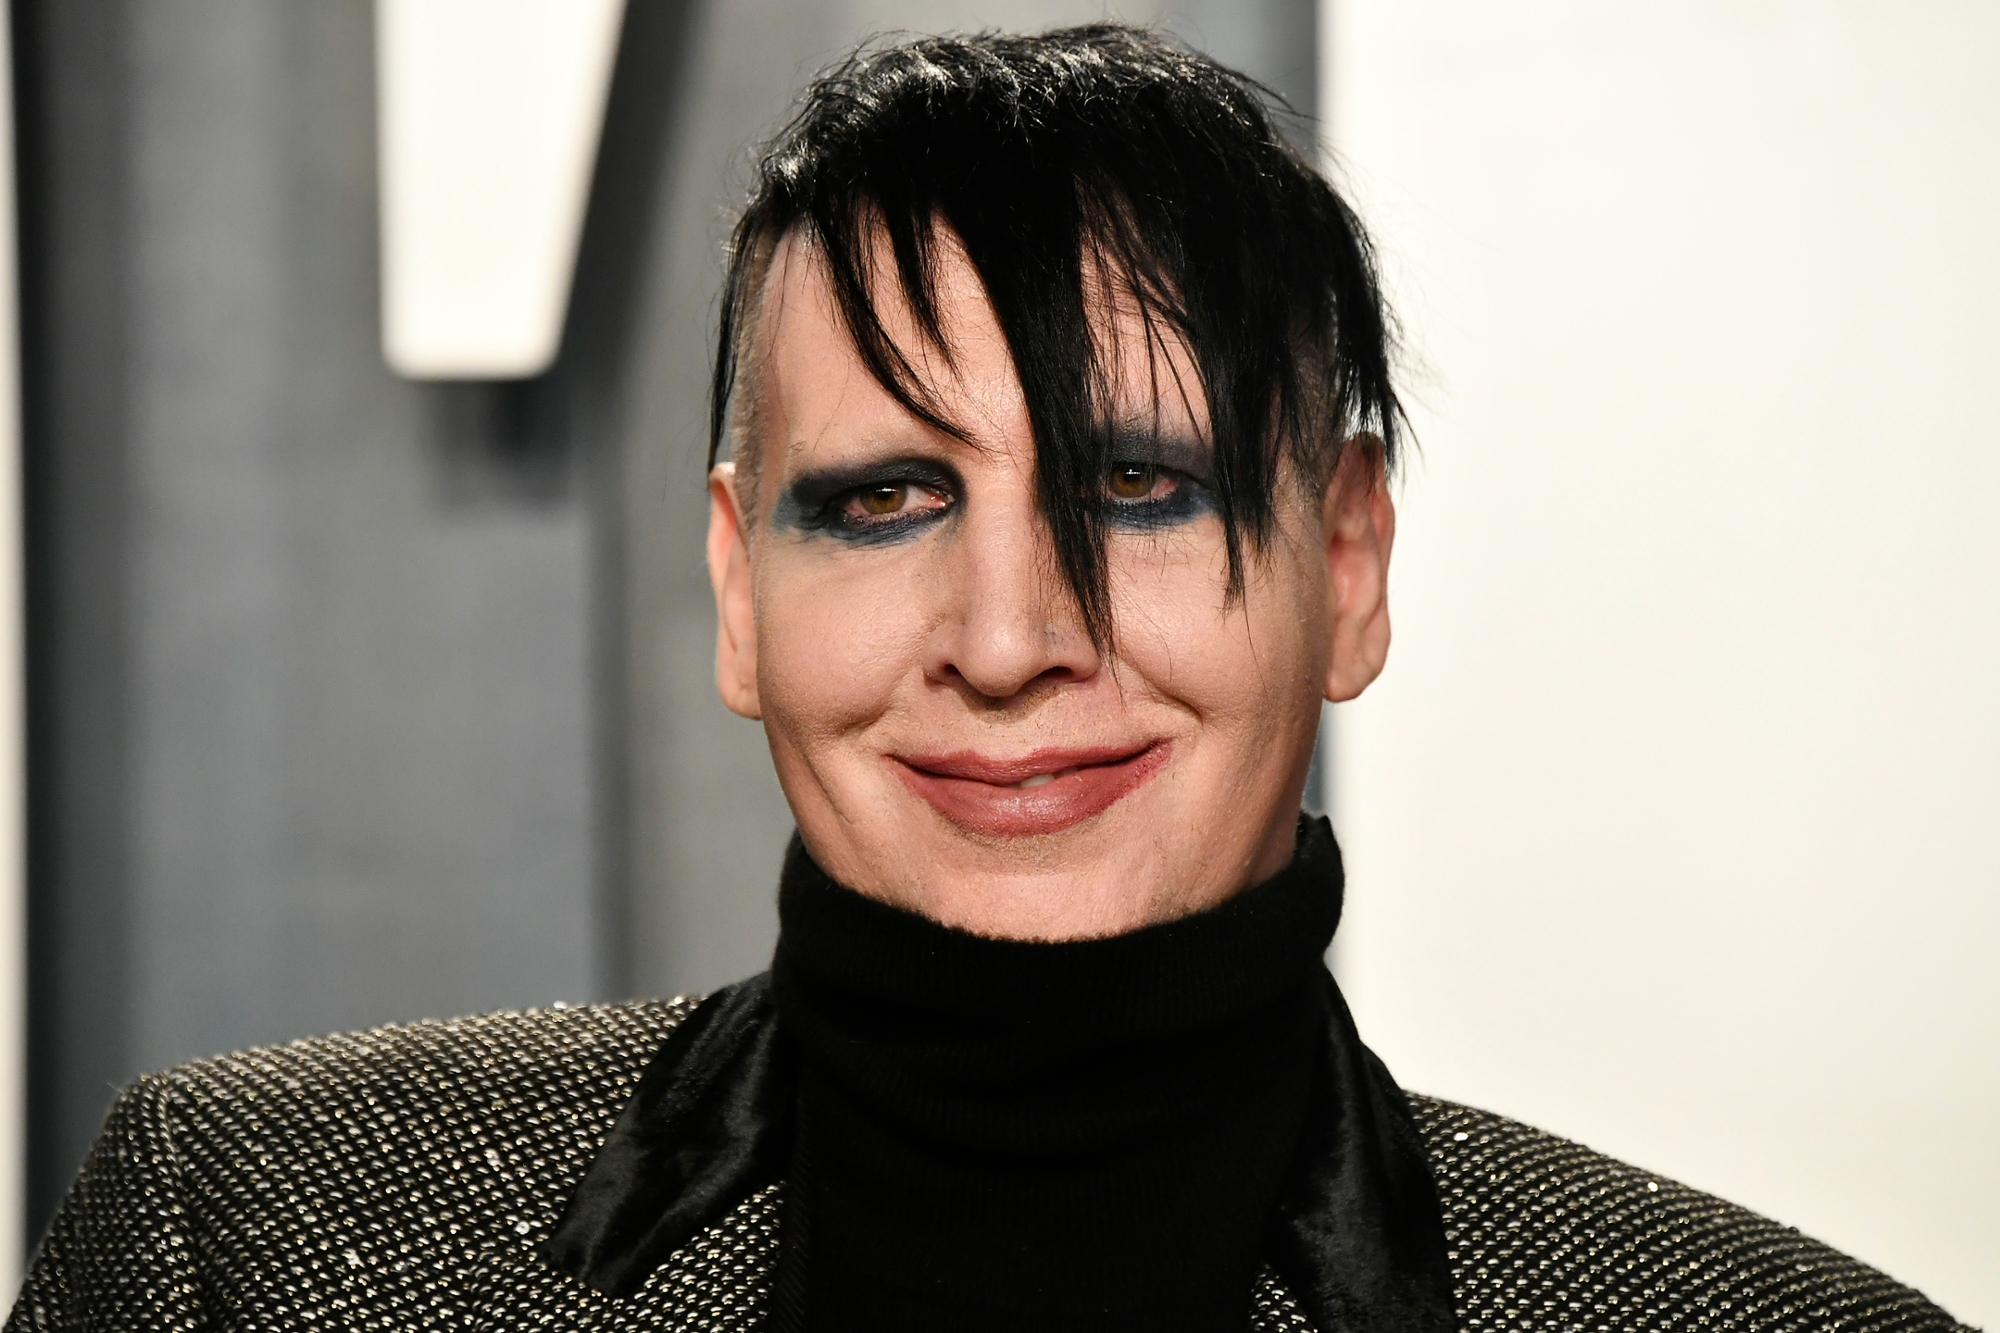 Marilyn Manson : la police se rend à son domicile après l'appel d'un ami inquiet - RTL.fr